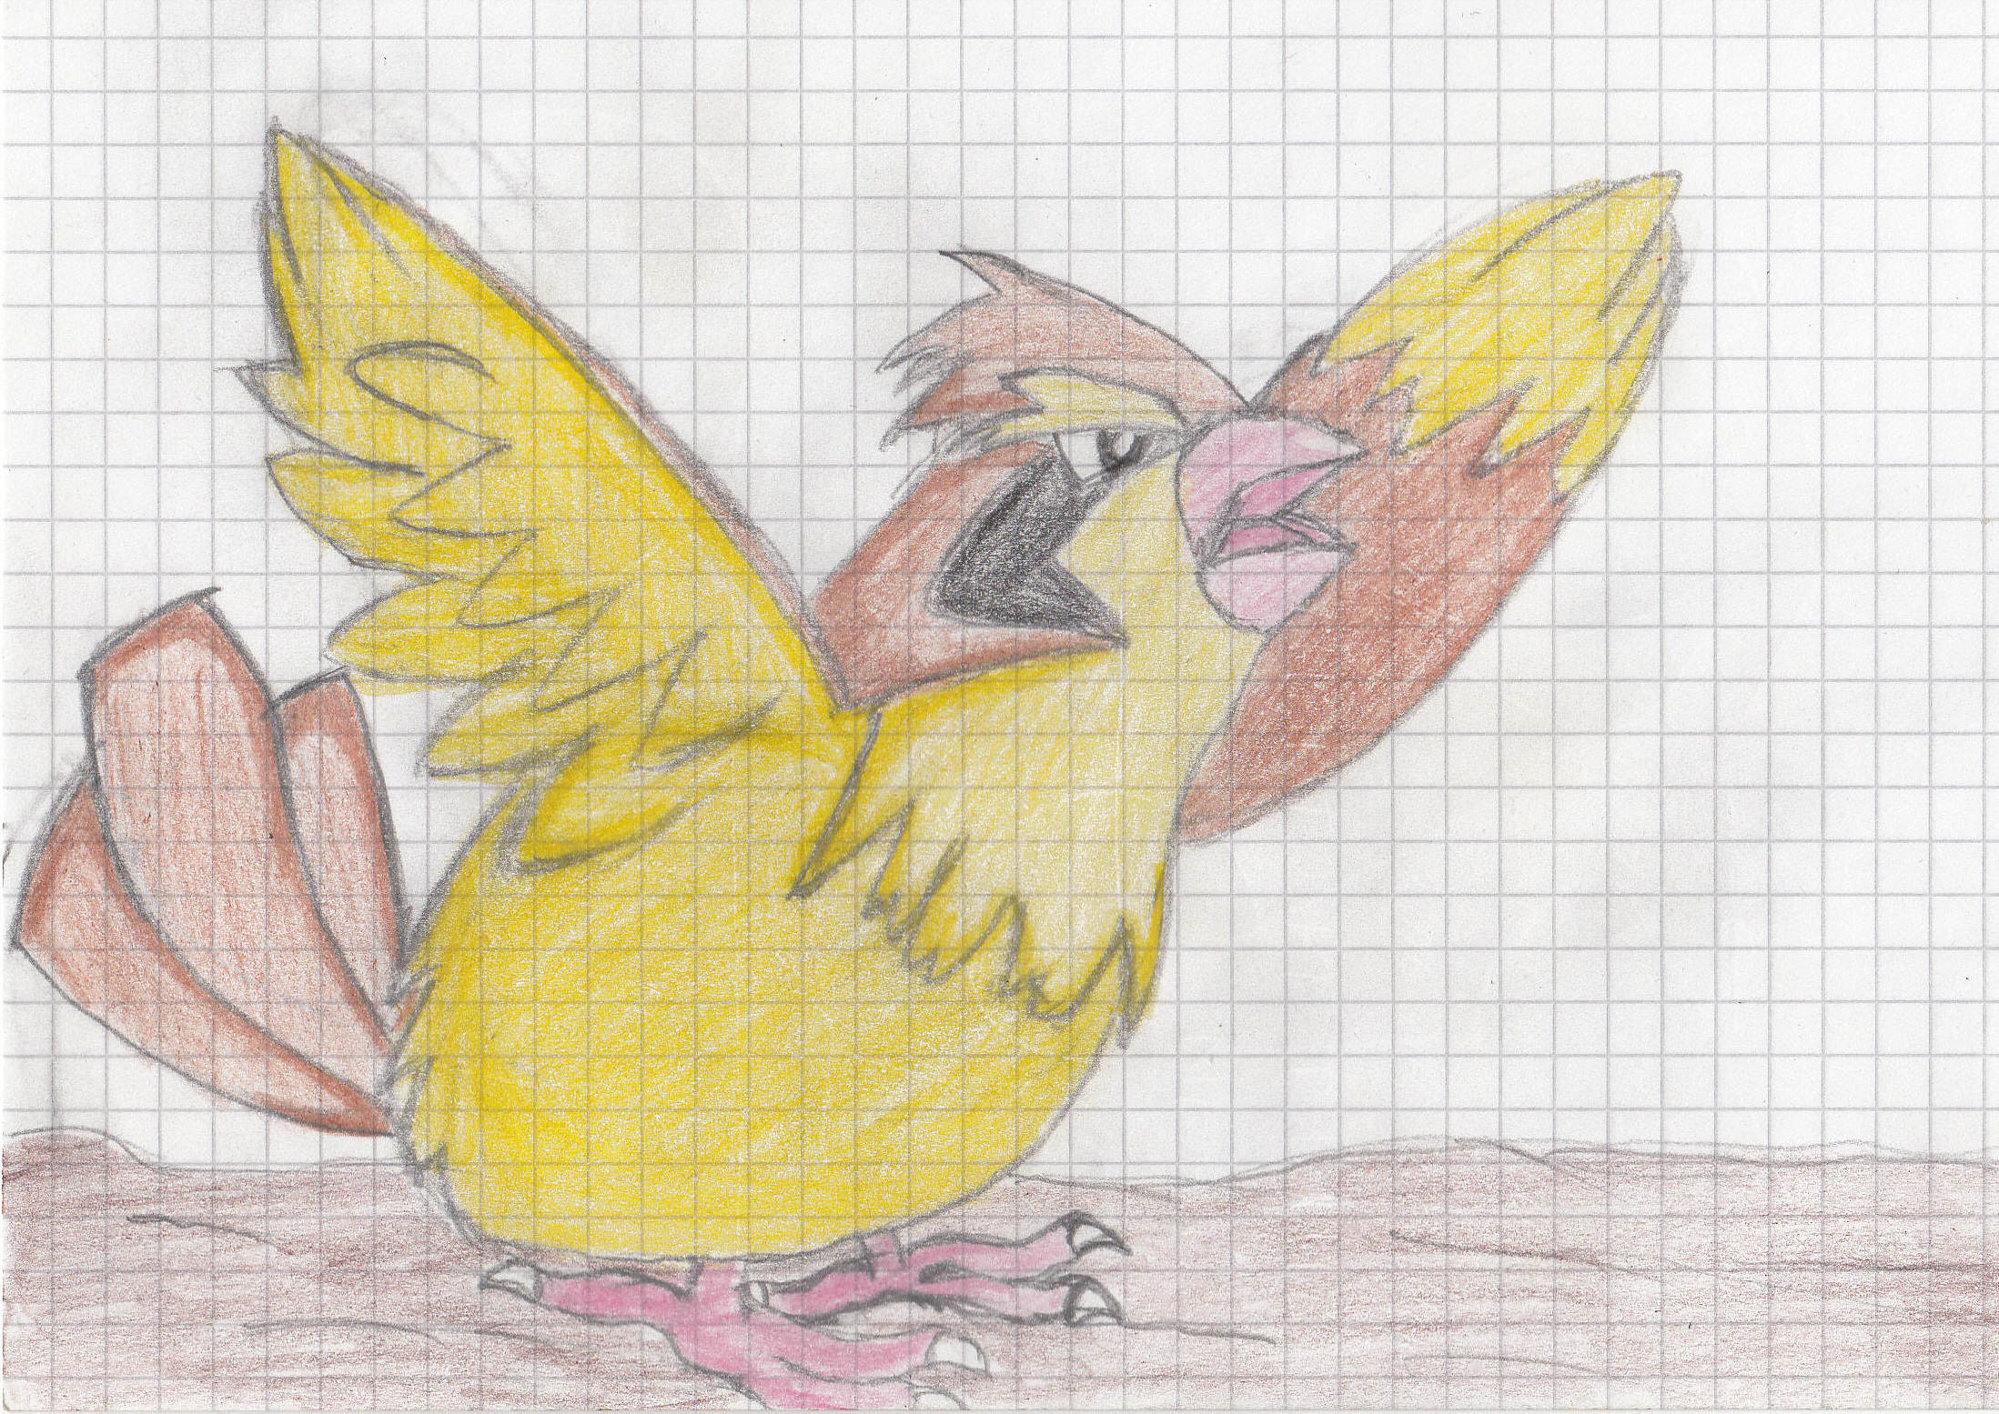 Pokémon-Zeichnung: Pidgeot